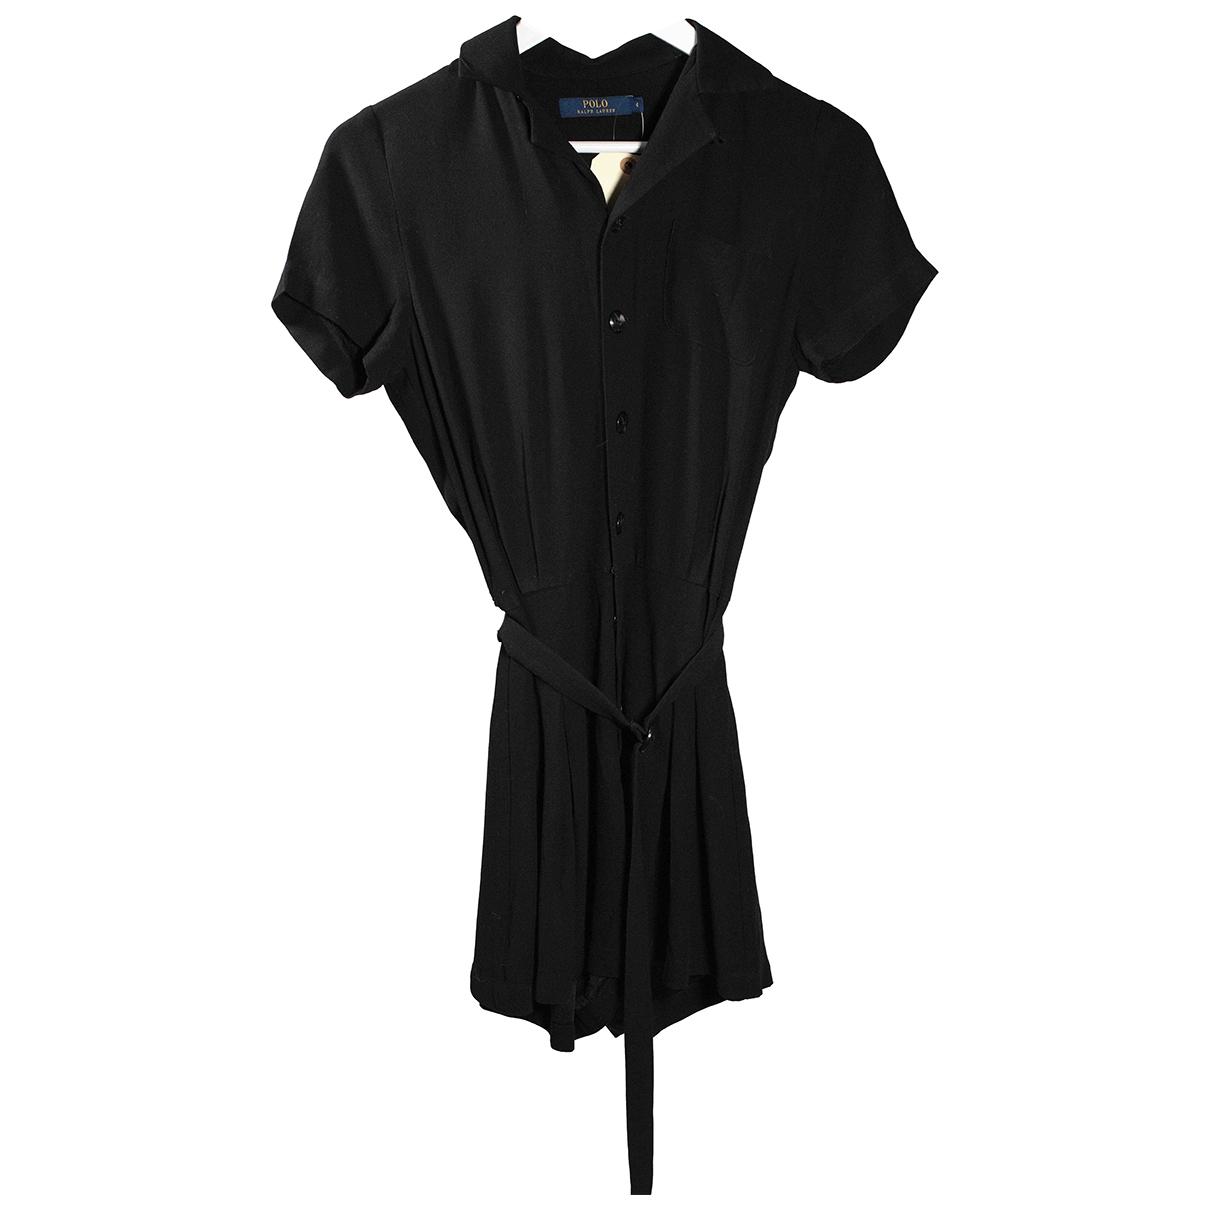 Polo Ralph Lauren - Combinaison   pour femme - noir